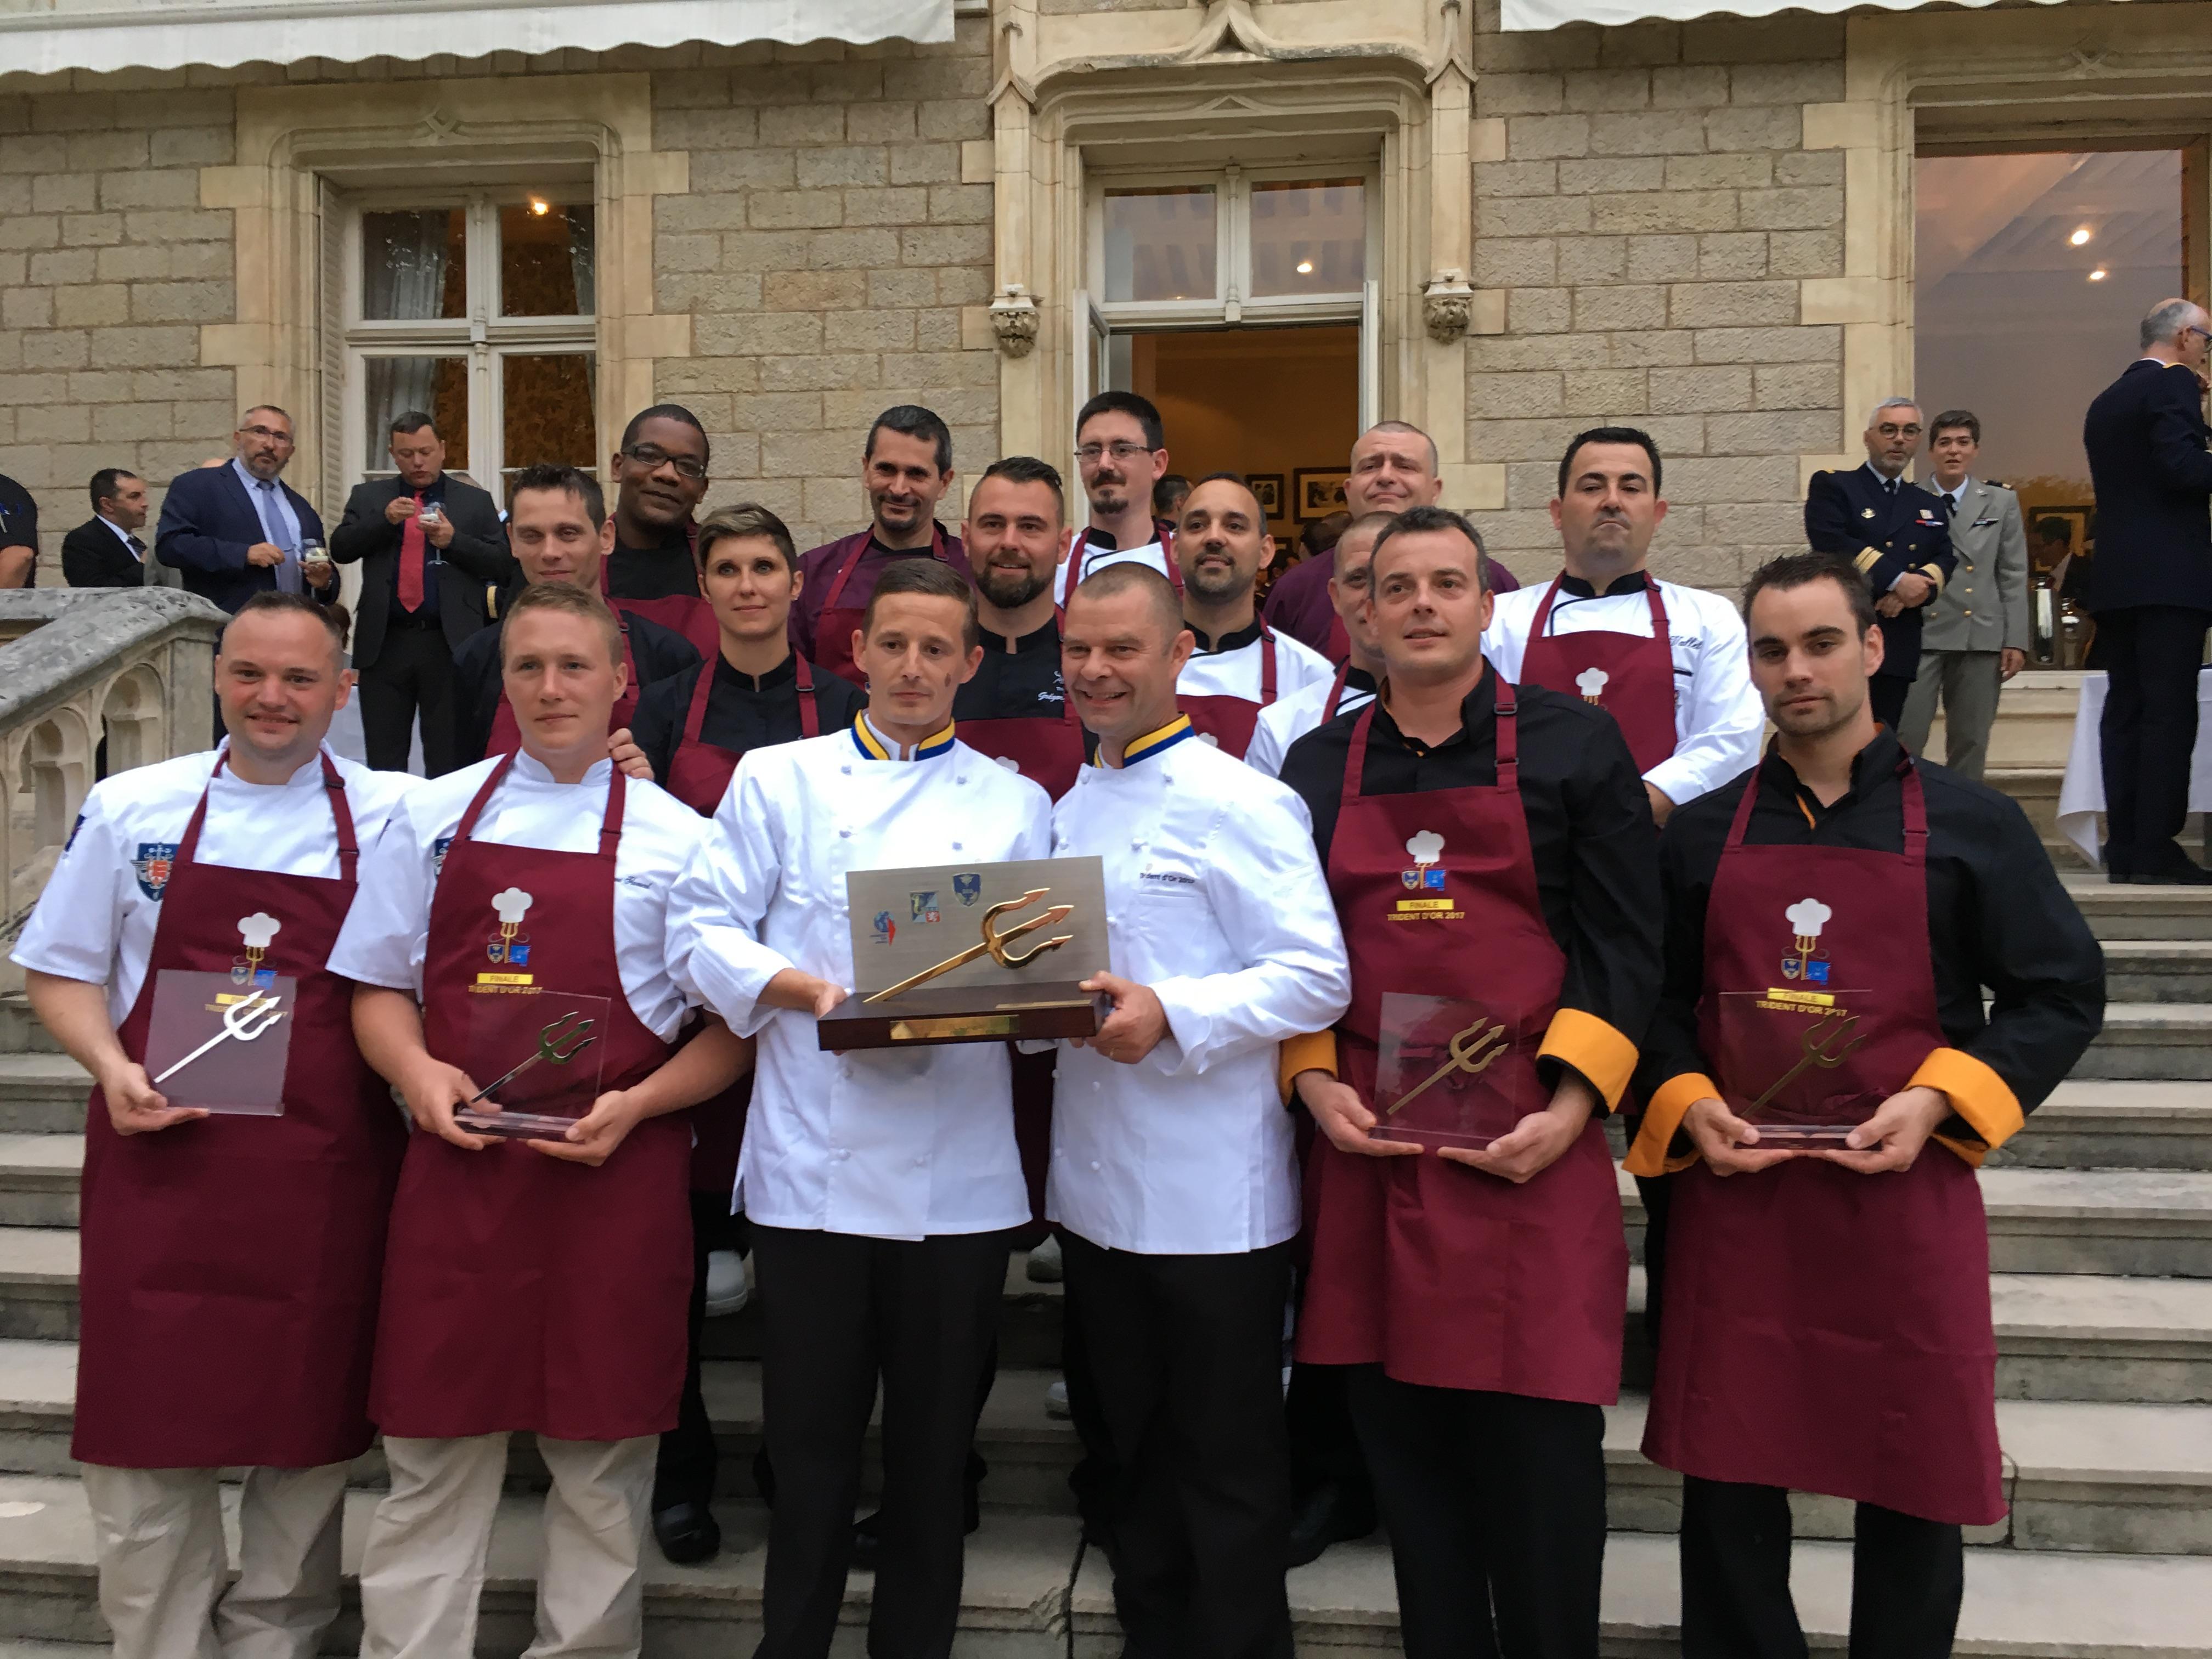 La base a rienne 942 lyon mont verdun remporte le trident d or 2017lyon saveurs - Porte ouverte base aerienne saint dizier 2017 ...